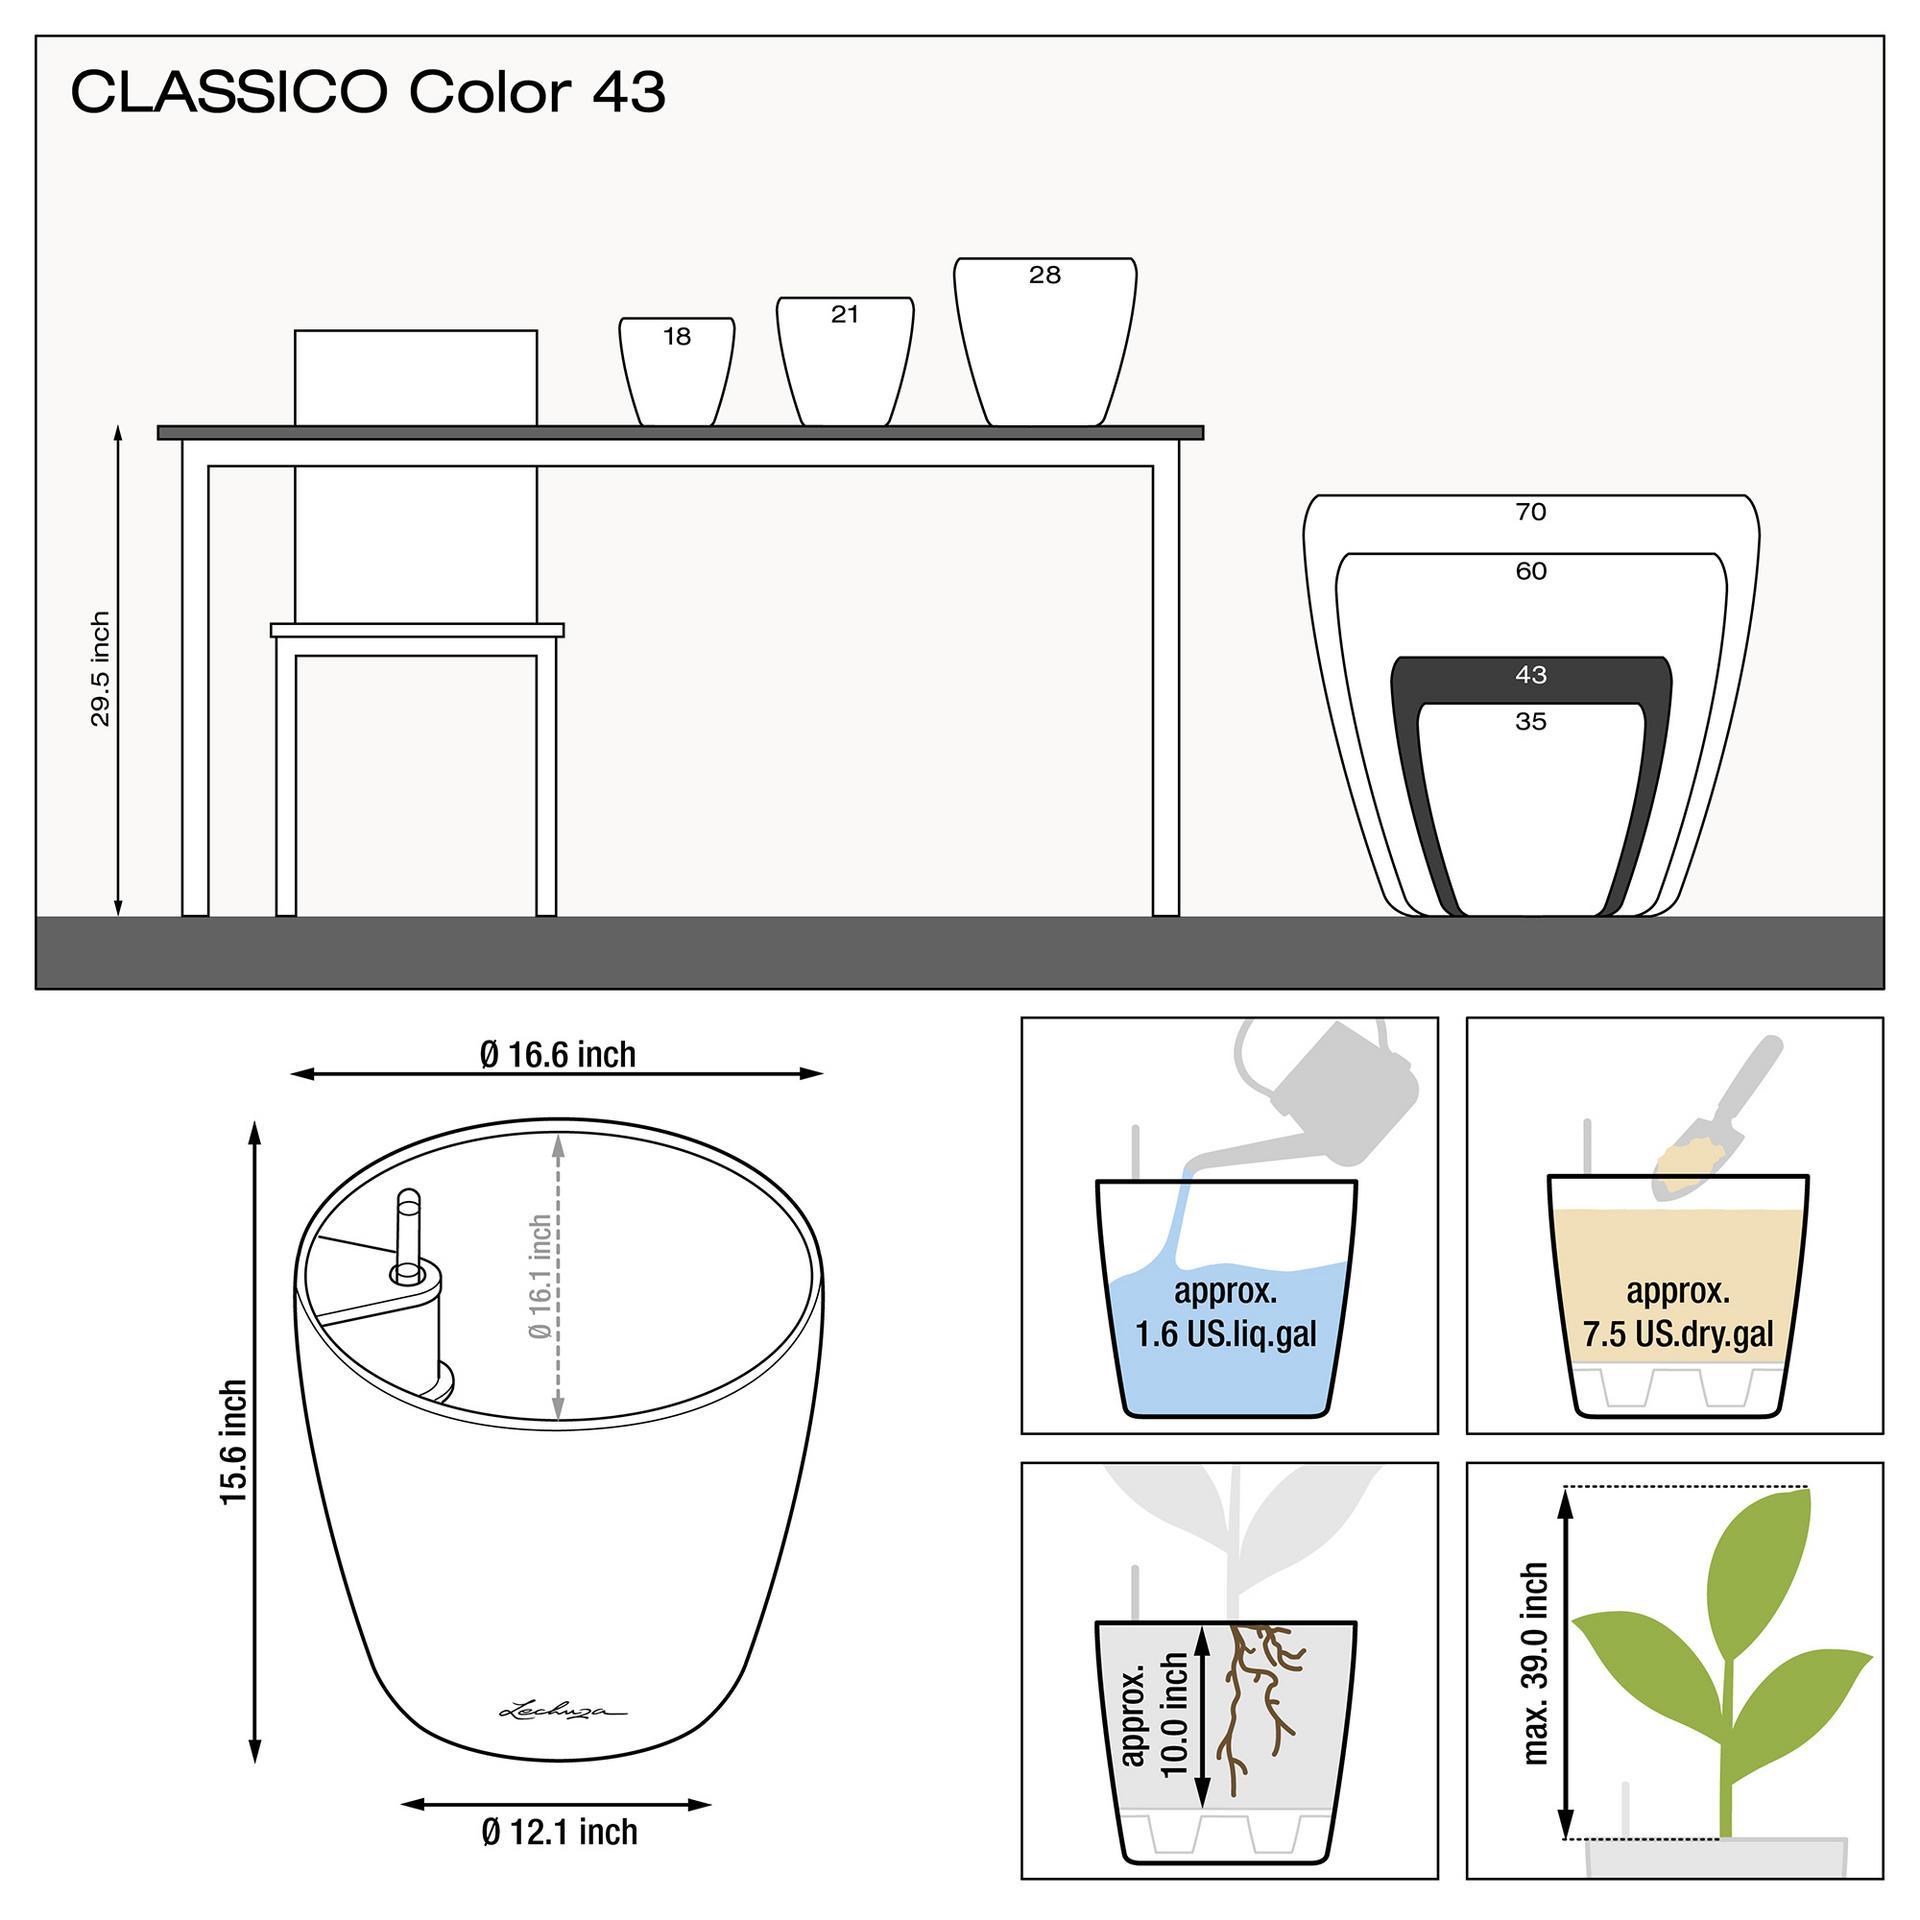 le_classico-color43_product_addi_nz_us